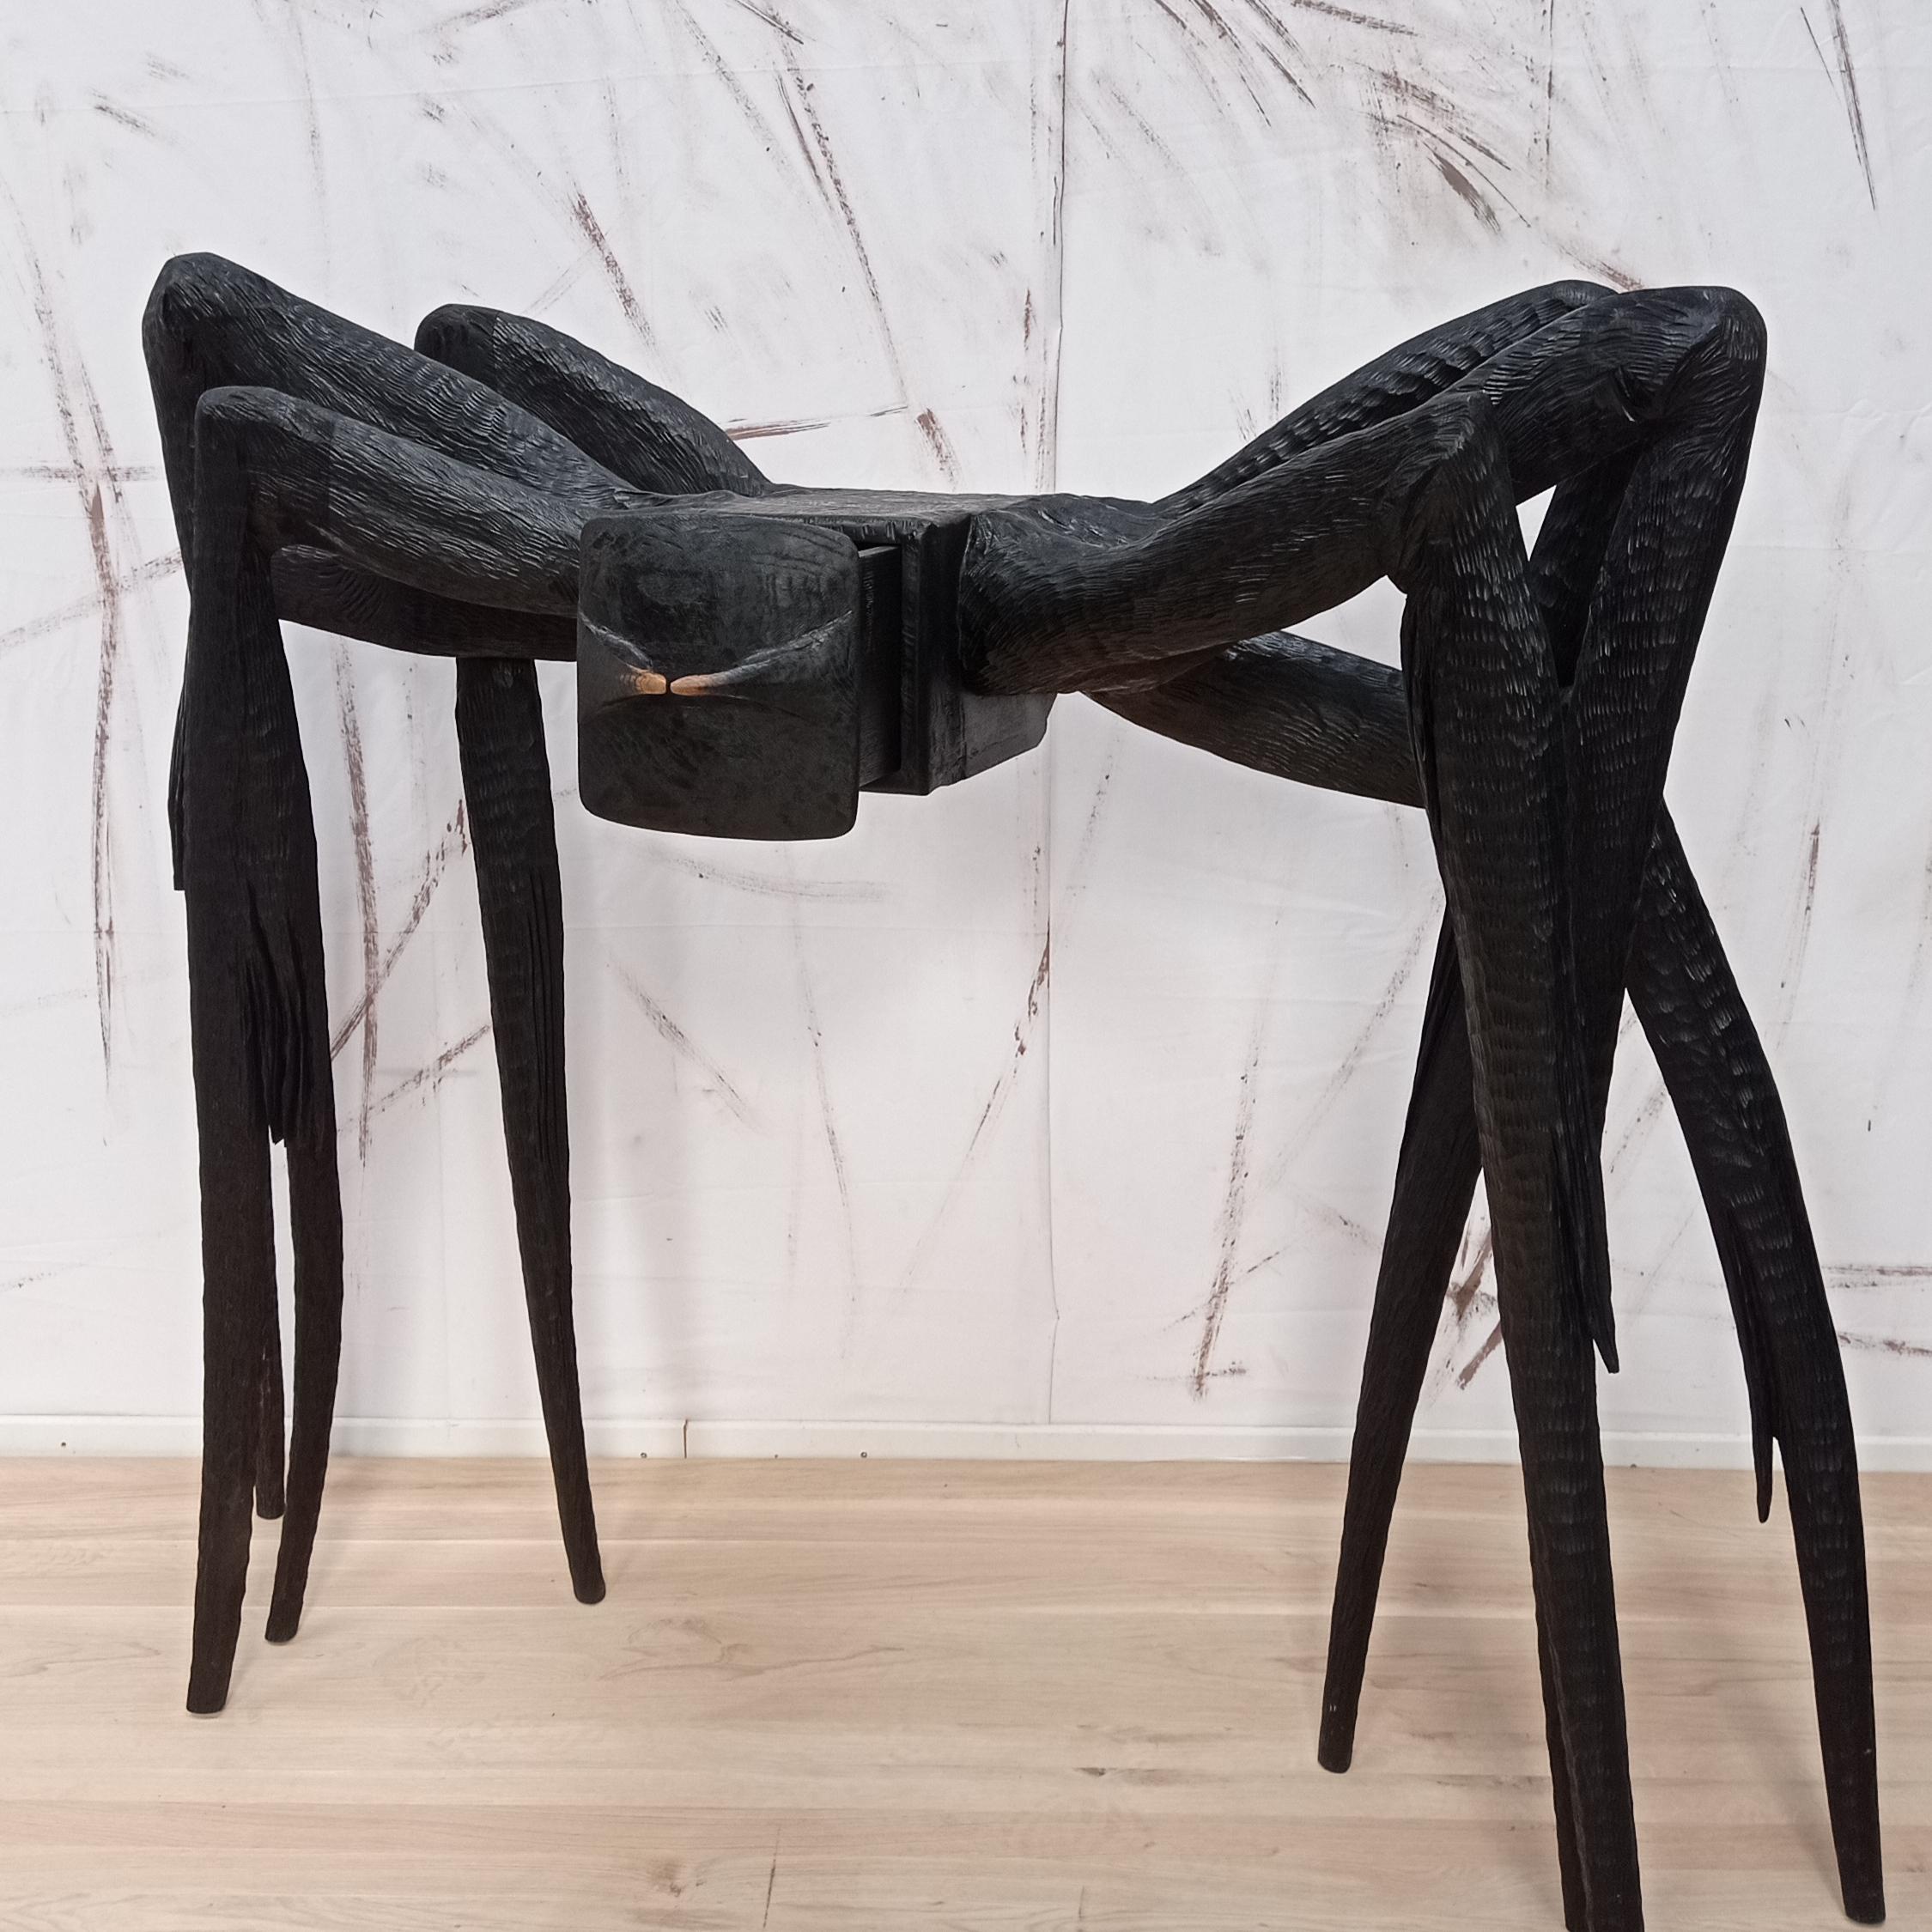 Chêne sculpté et teinté